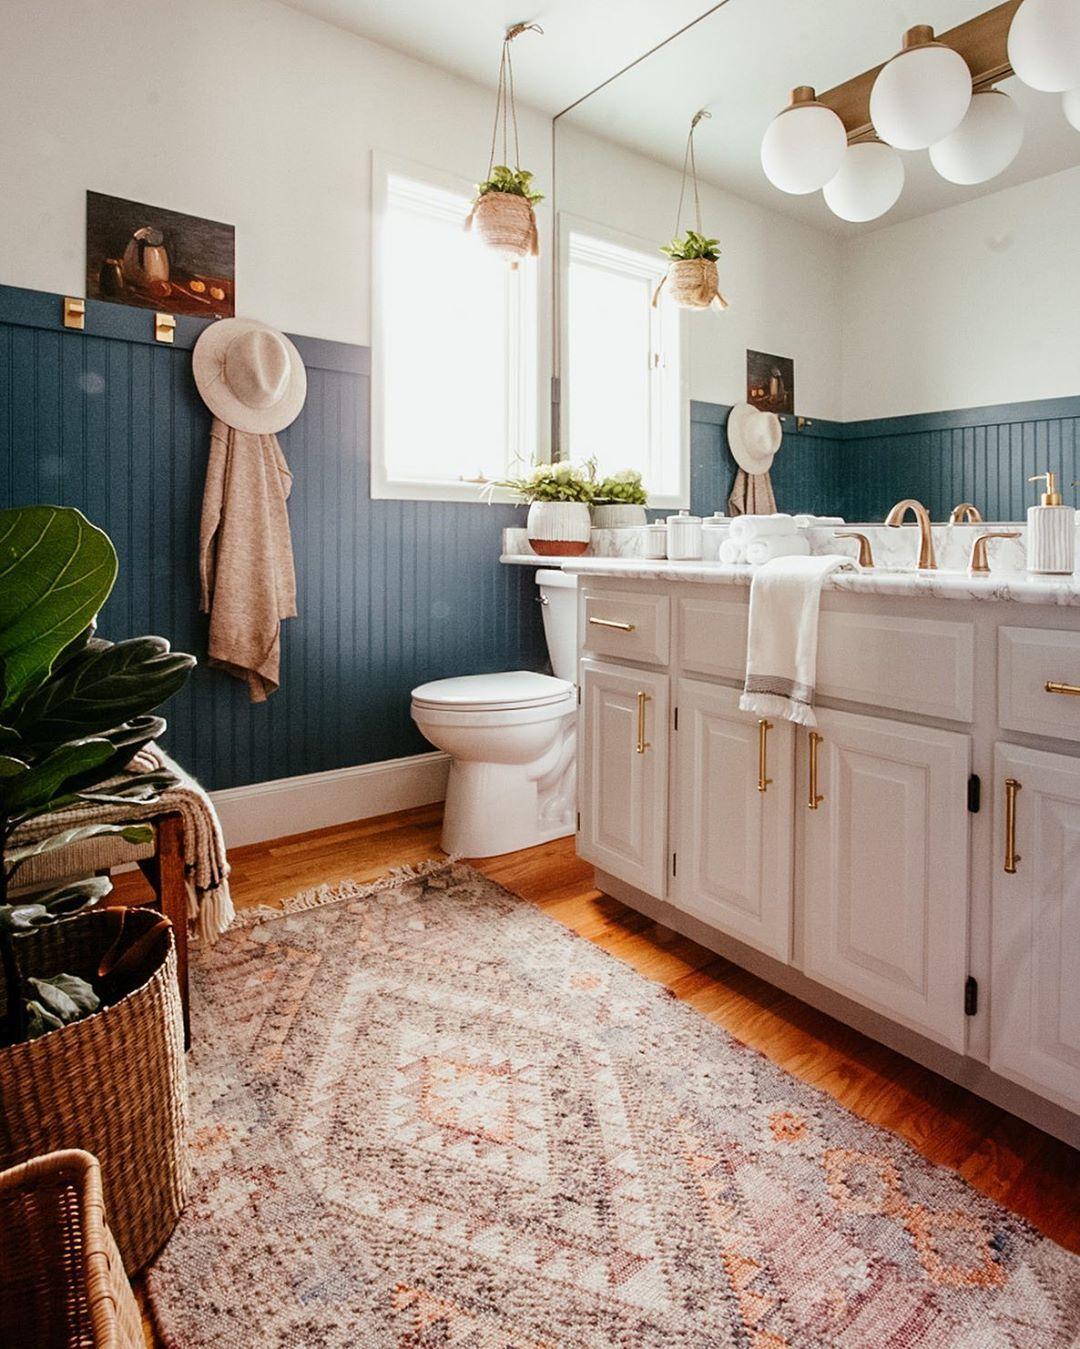 Diy Beadboard Bathroom Reveal In 2020 Beadboard Bathroom Modern Bathroom Renovations Bead Board Walls